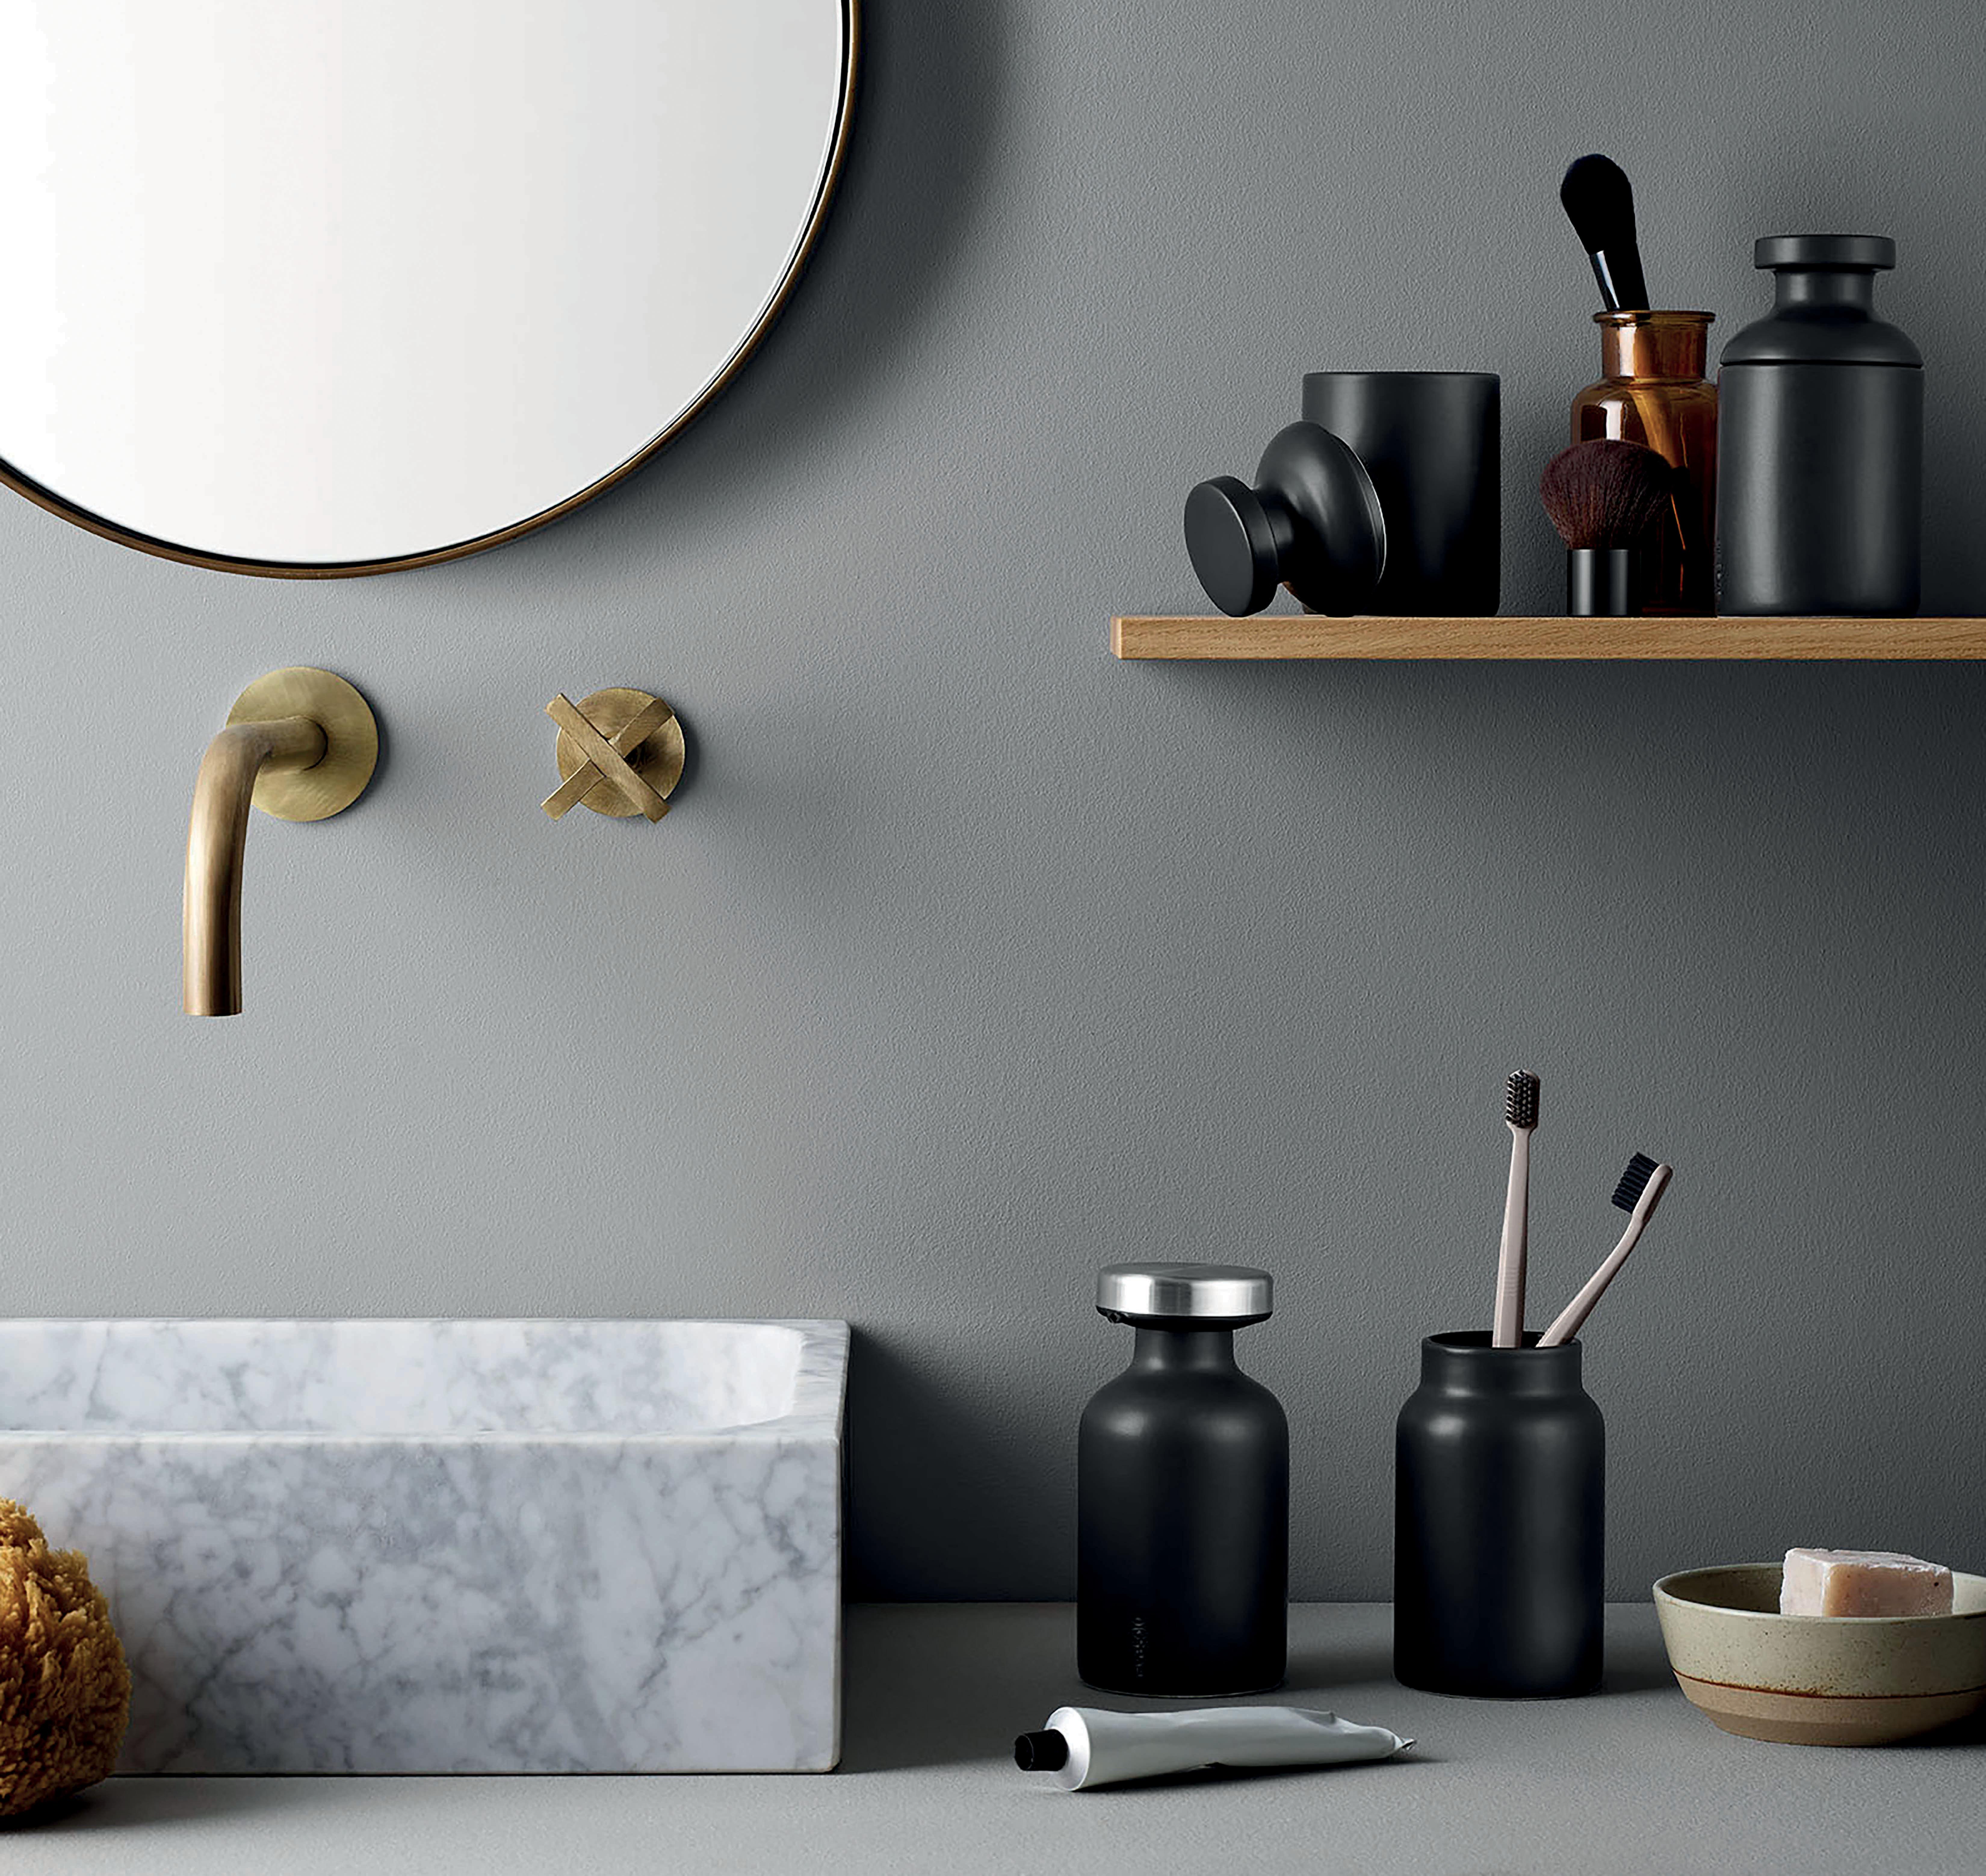 seifenspender mit deckel schwarzmatt by eva solo made in design. Black Bedroom Furniture Sets. Home Design Ideas